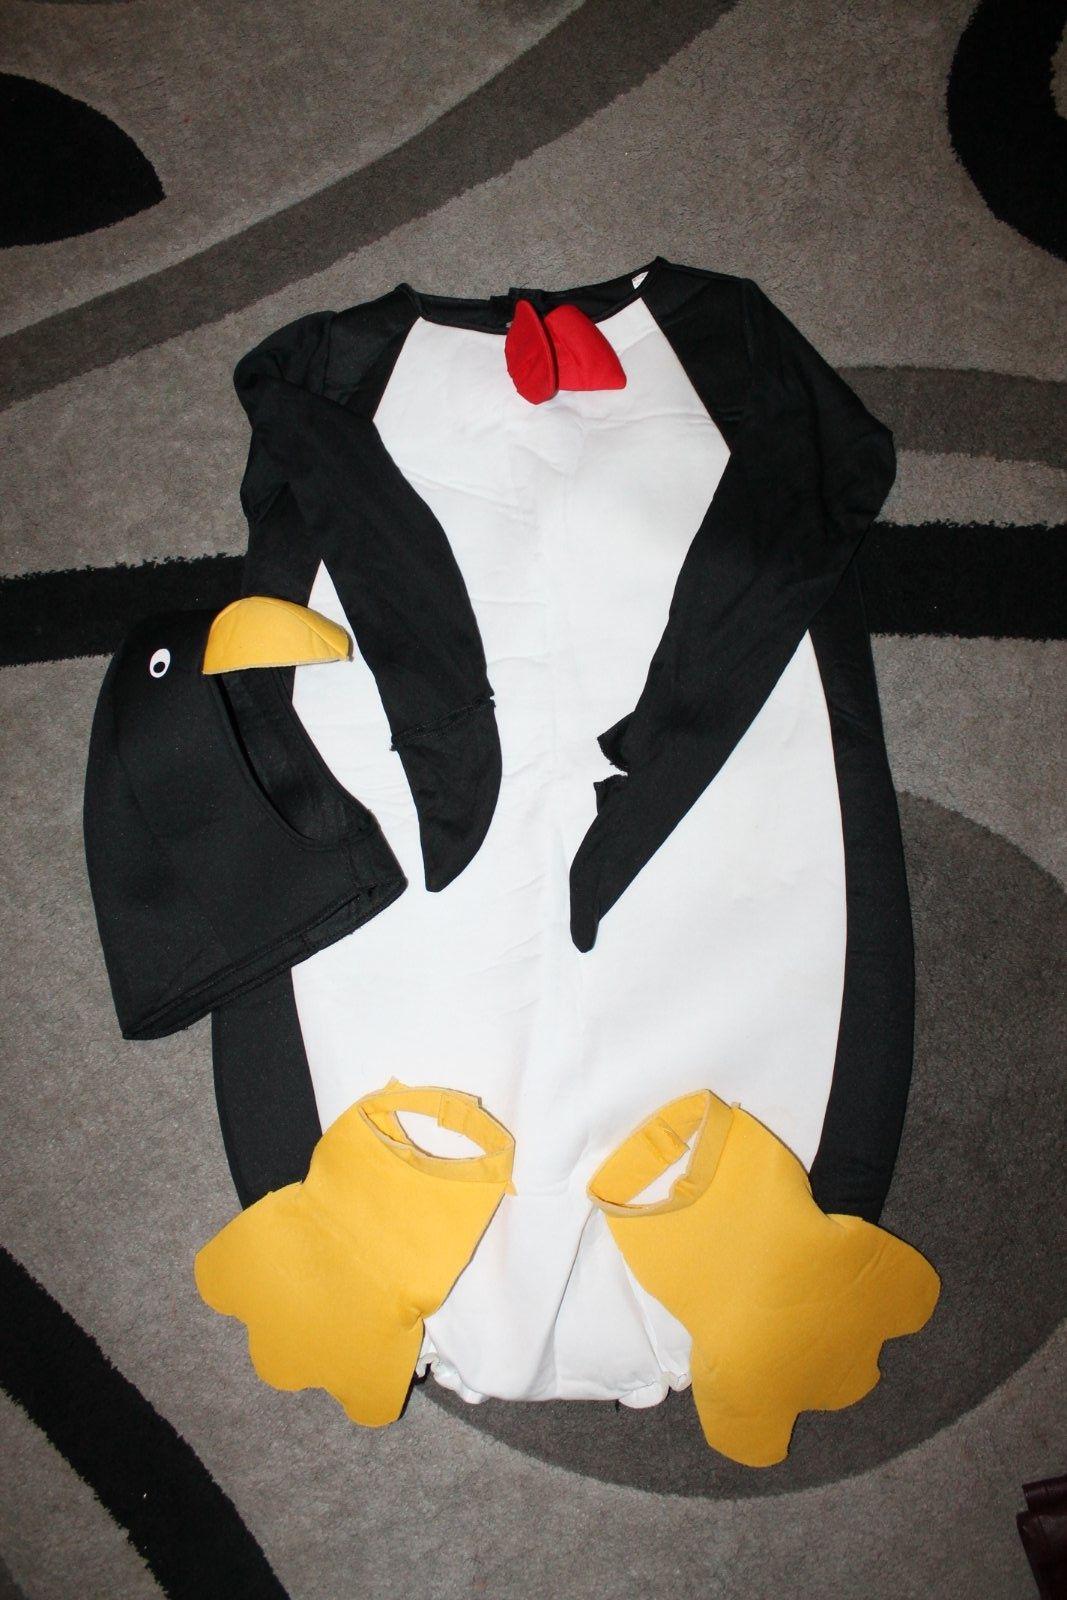 Костюм пингвина карнавальный маскарадный анимация игровой новогодний